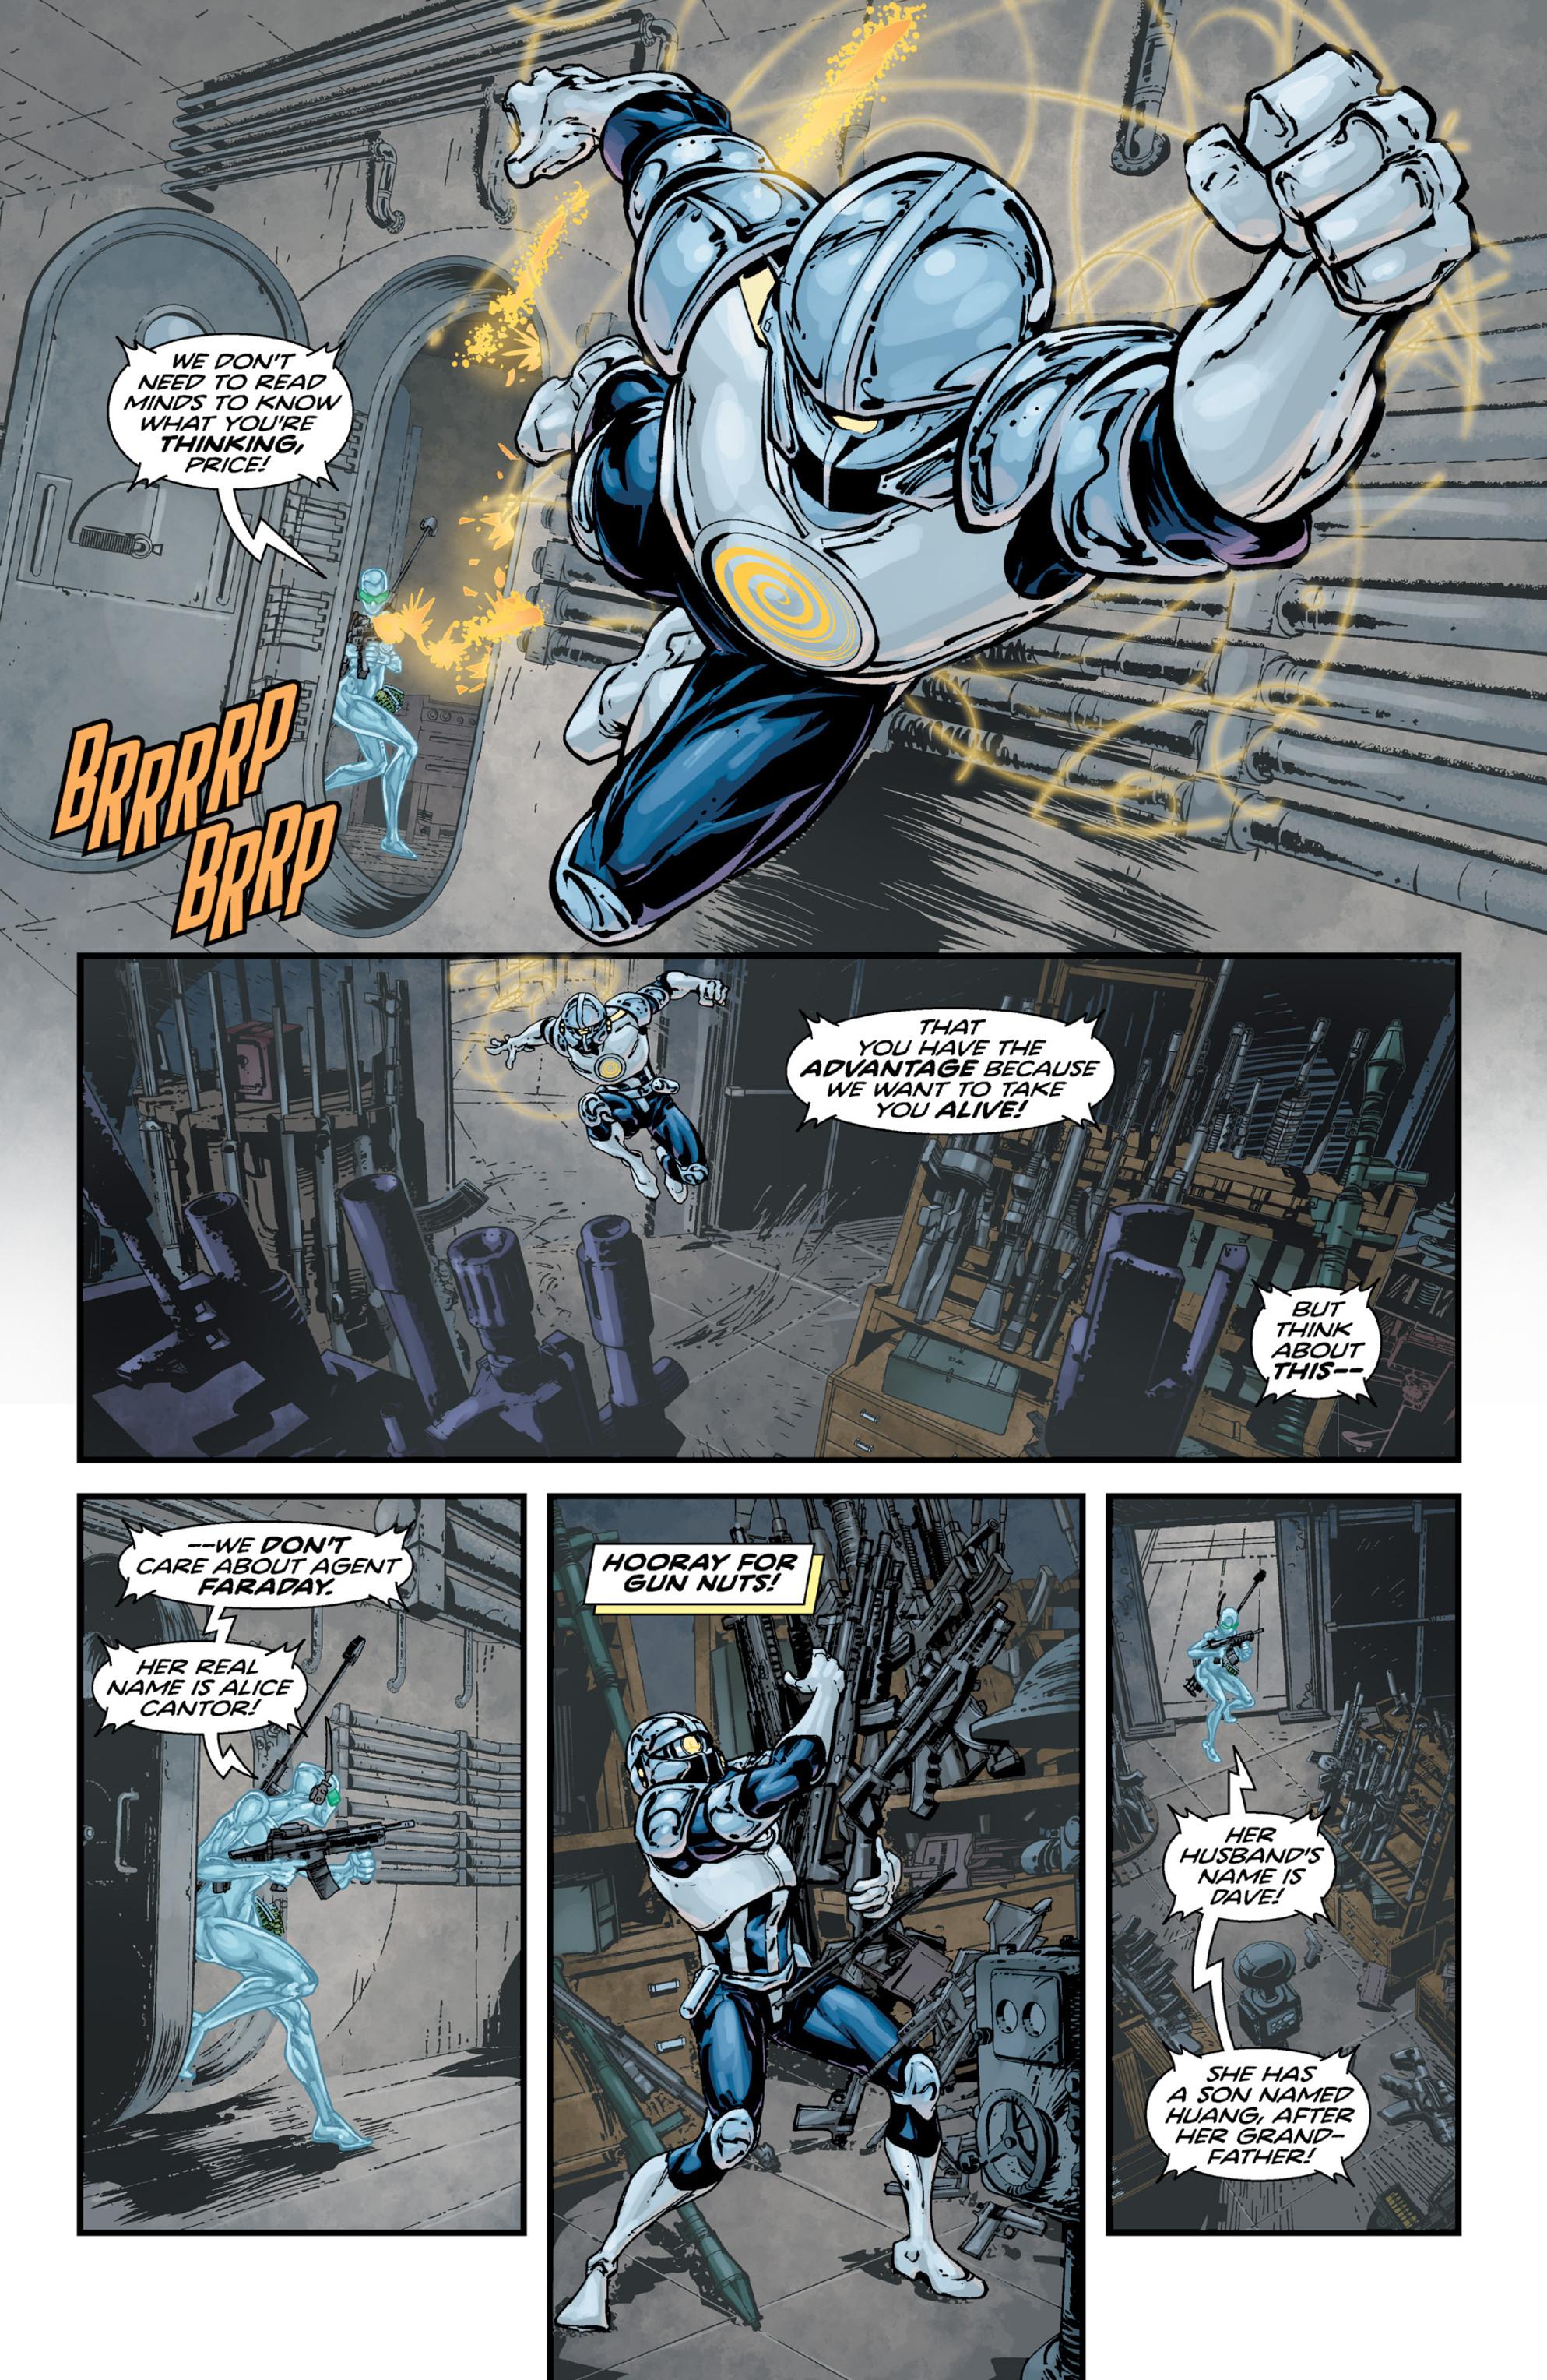 Read online Brain Boy:  The Men from G.E.S.T.A.L.T. comic -  Issue # TPB - 83